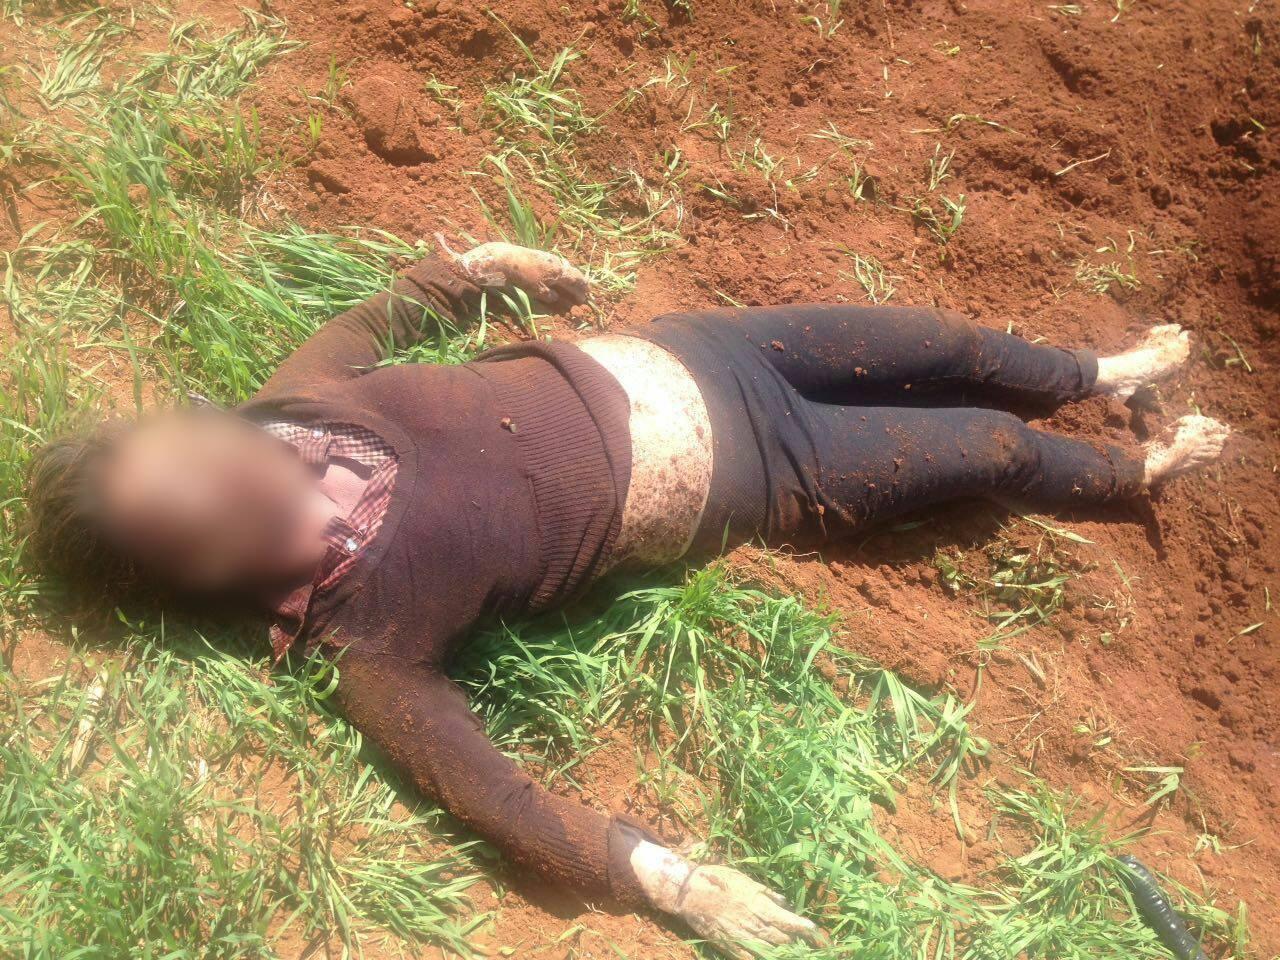 Localizan cadáver de una mujer en un entierro clandestino, en Cachivi